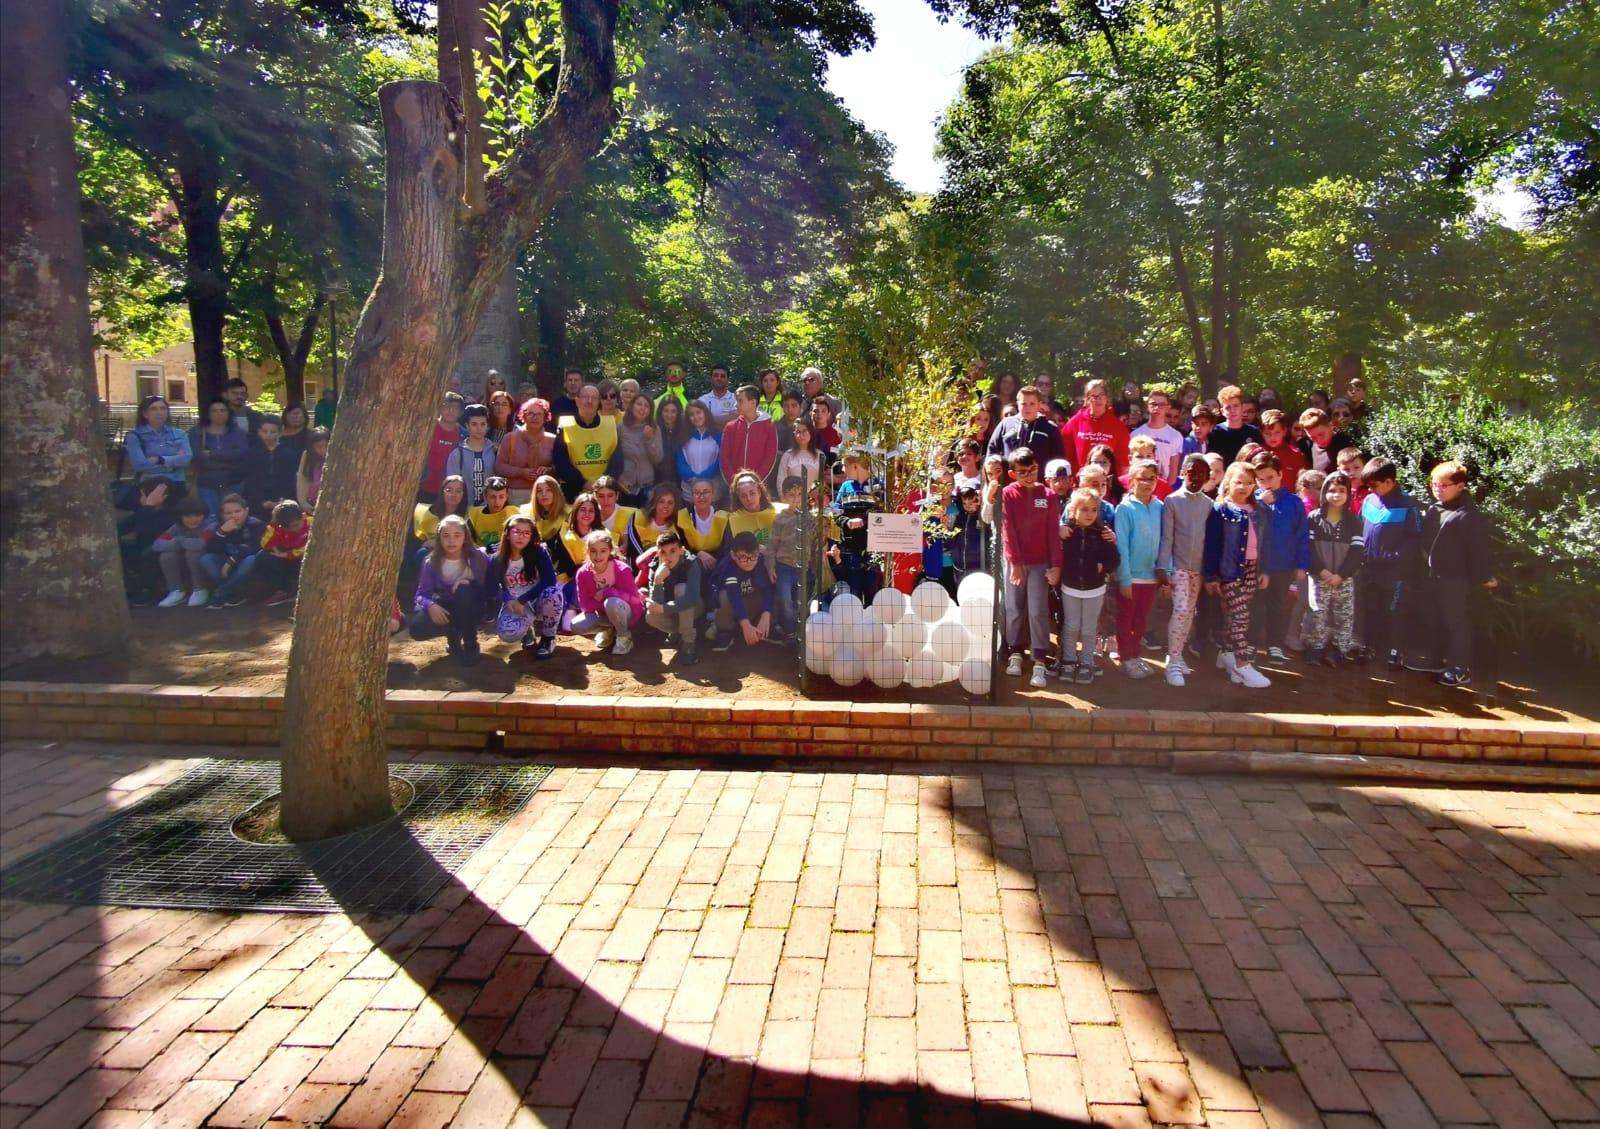 105 ondata di incontri siti di incontri cristiani in Zimbabwe